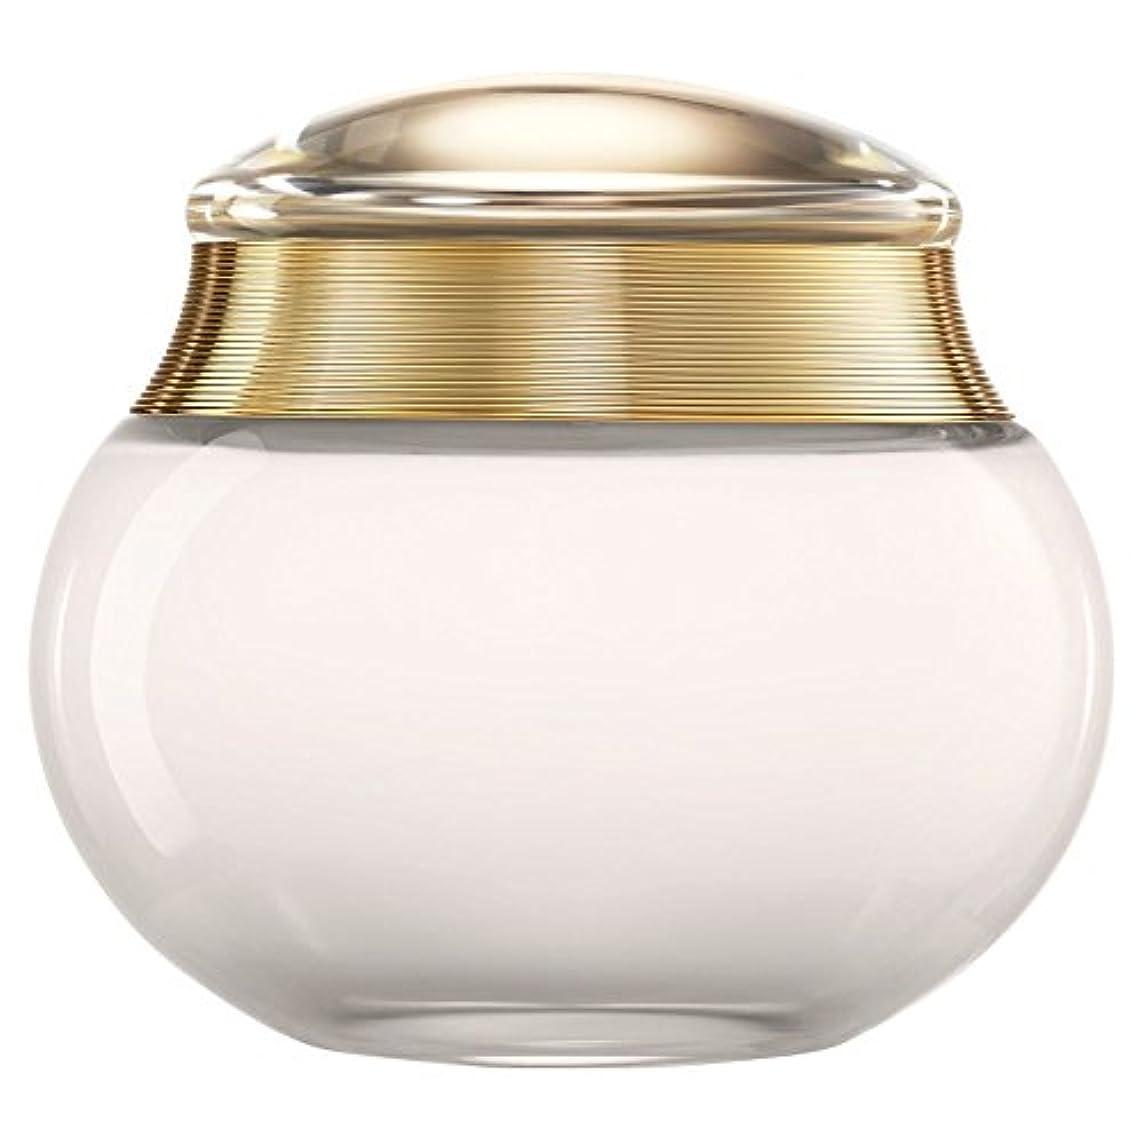 喪危険リネン[Dior] ディオールジャドールボディクリーム200ミリリットル - Dior J'Adore Body Cream 200ml [並行輸入品]